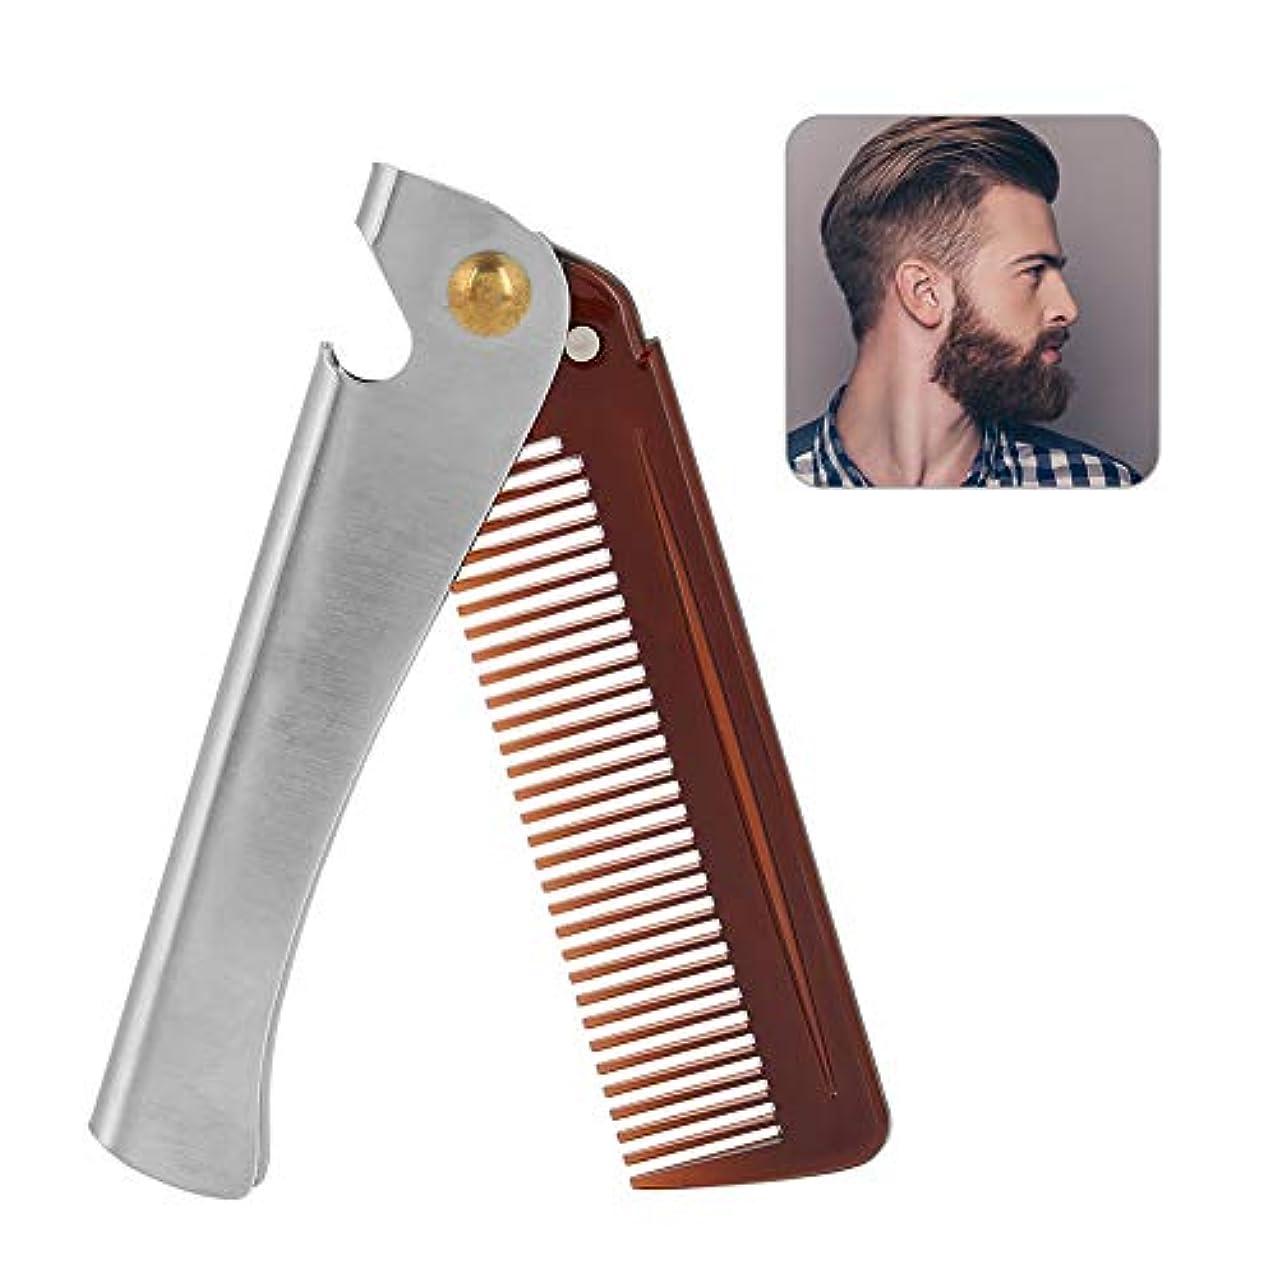 形成食べるレモン男性用のひげとヘアケア折りたたみ櫛と春押しボタン